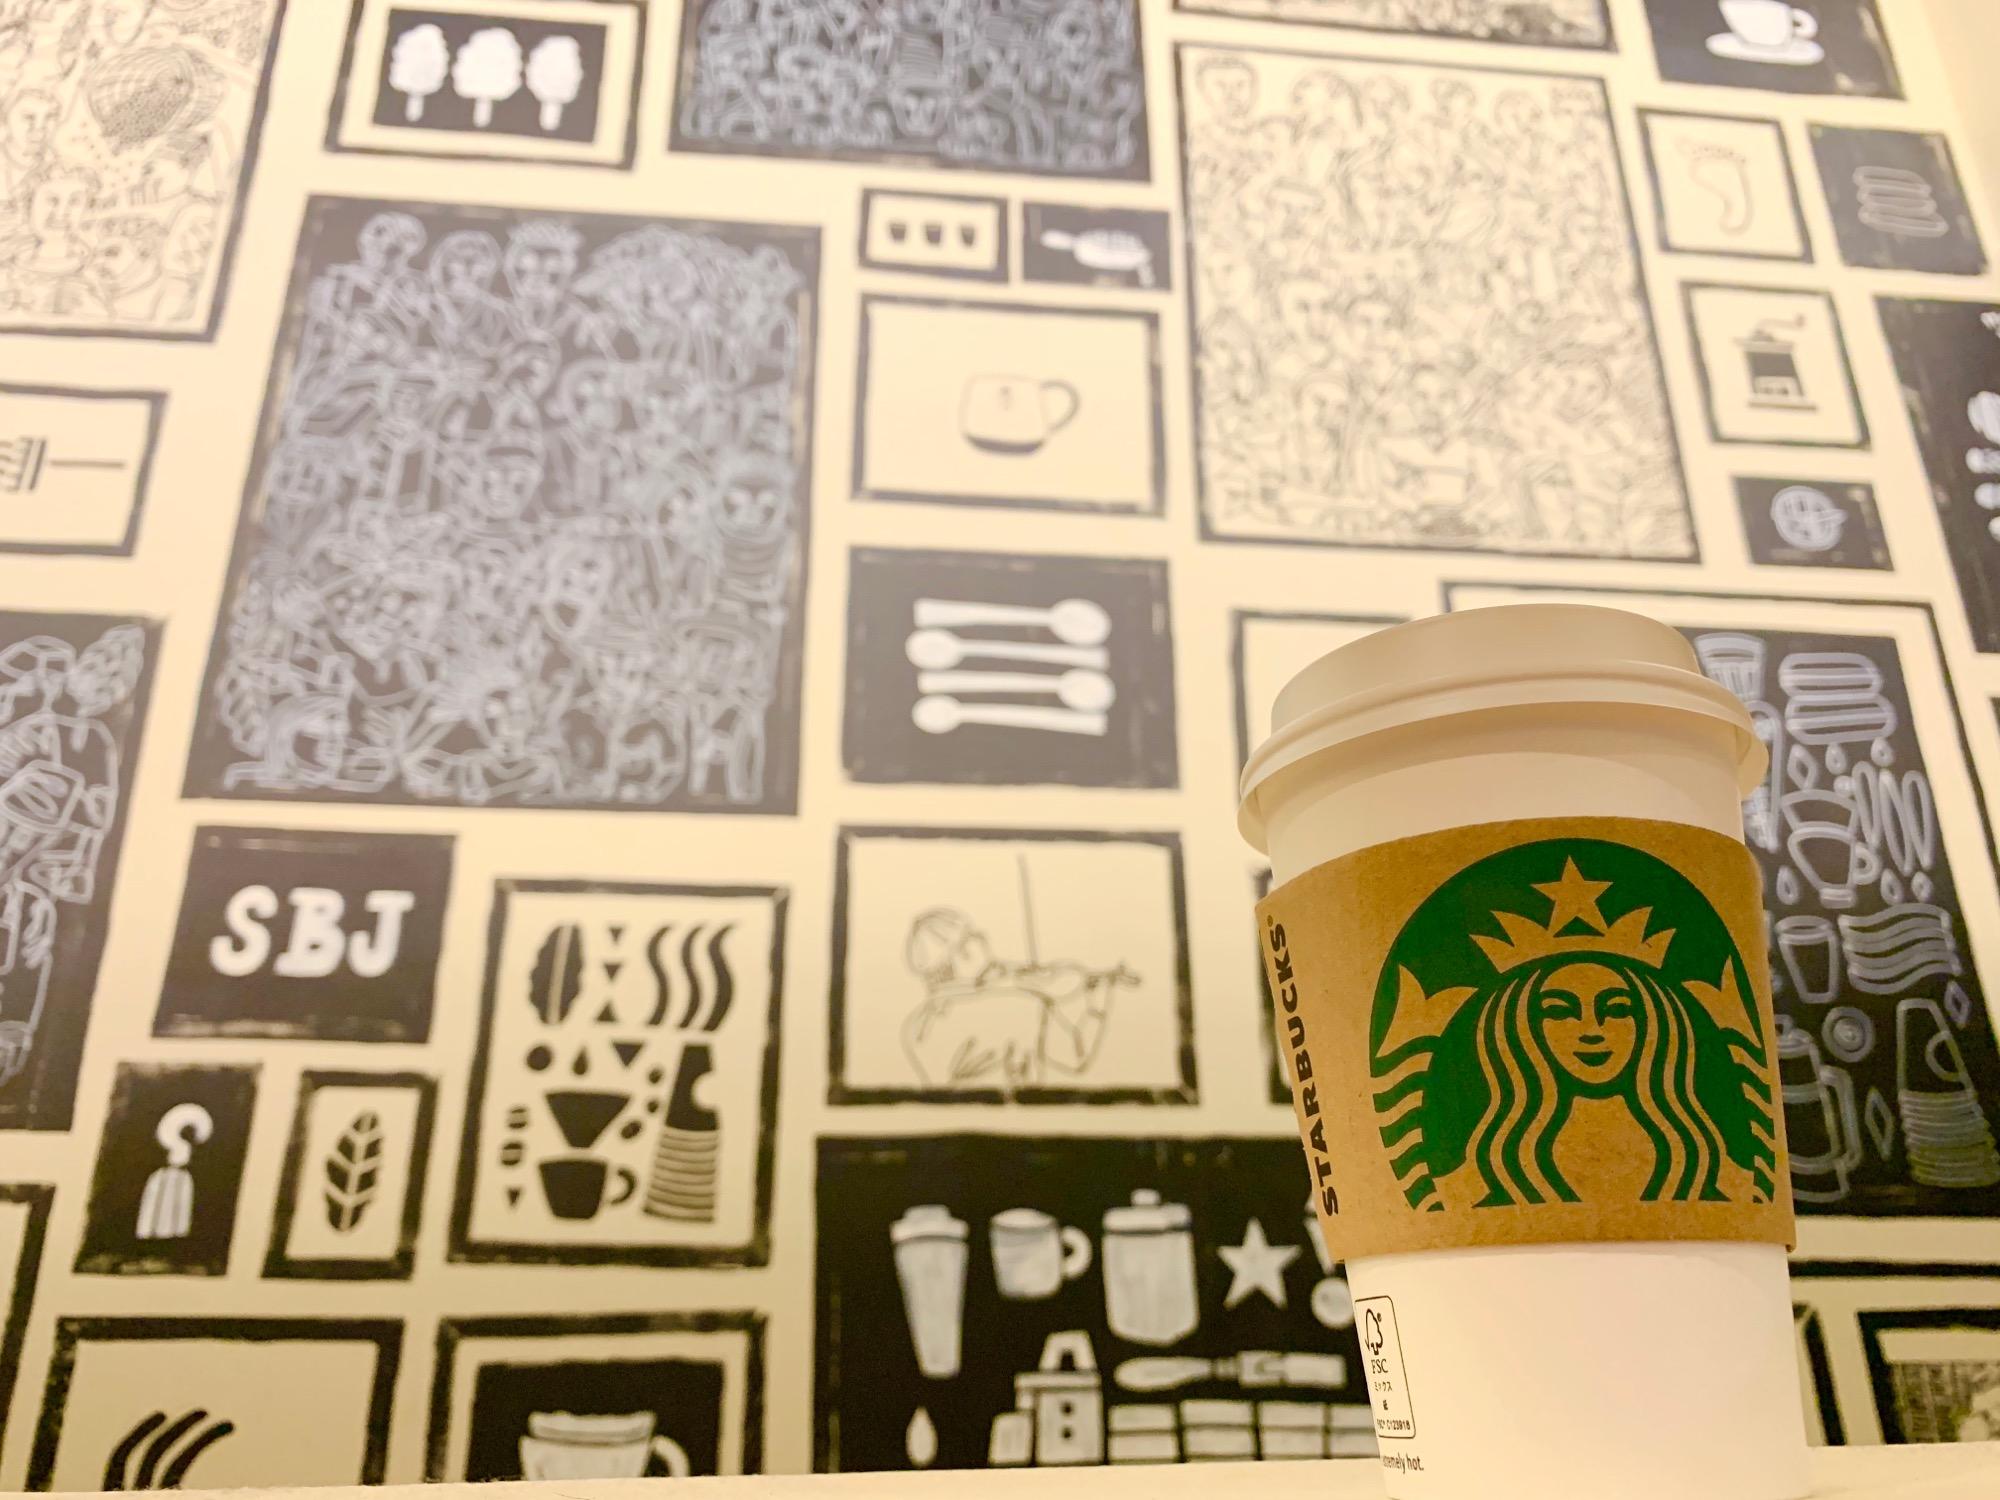 《飲めるの今だけ❤️》8日間限定!【スタバ】ダブルショット カラメル ラテを飲んできました☻_1